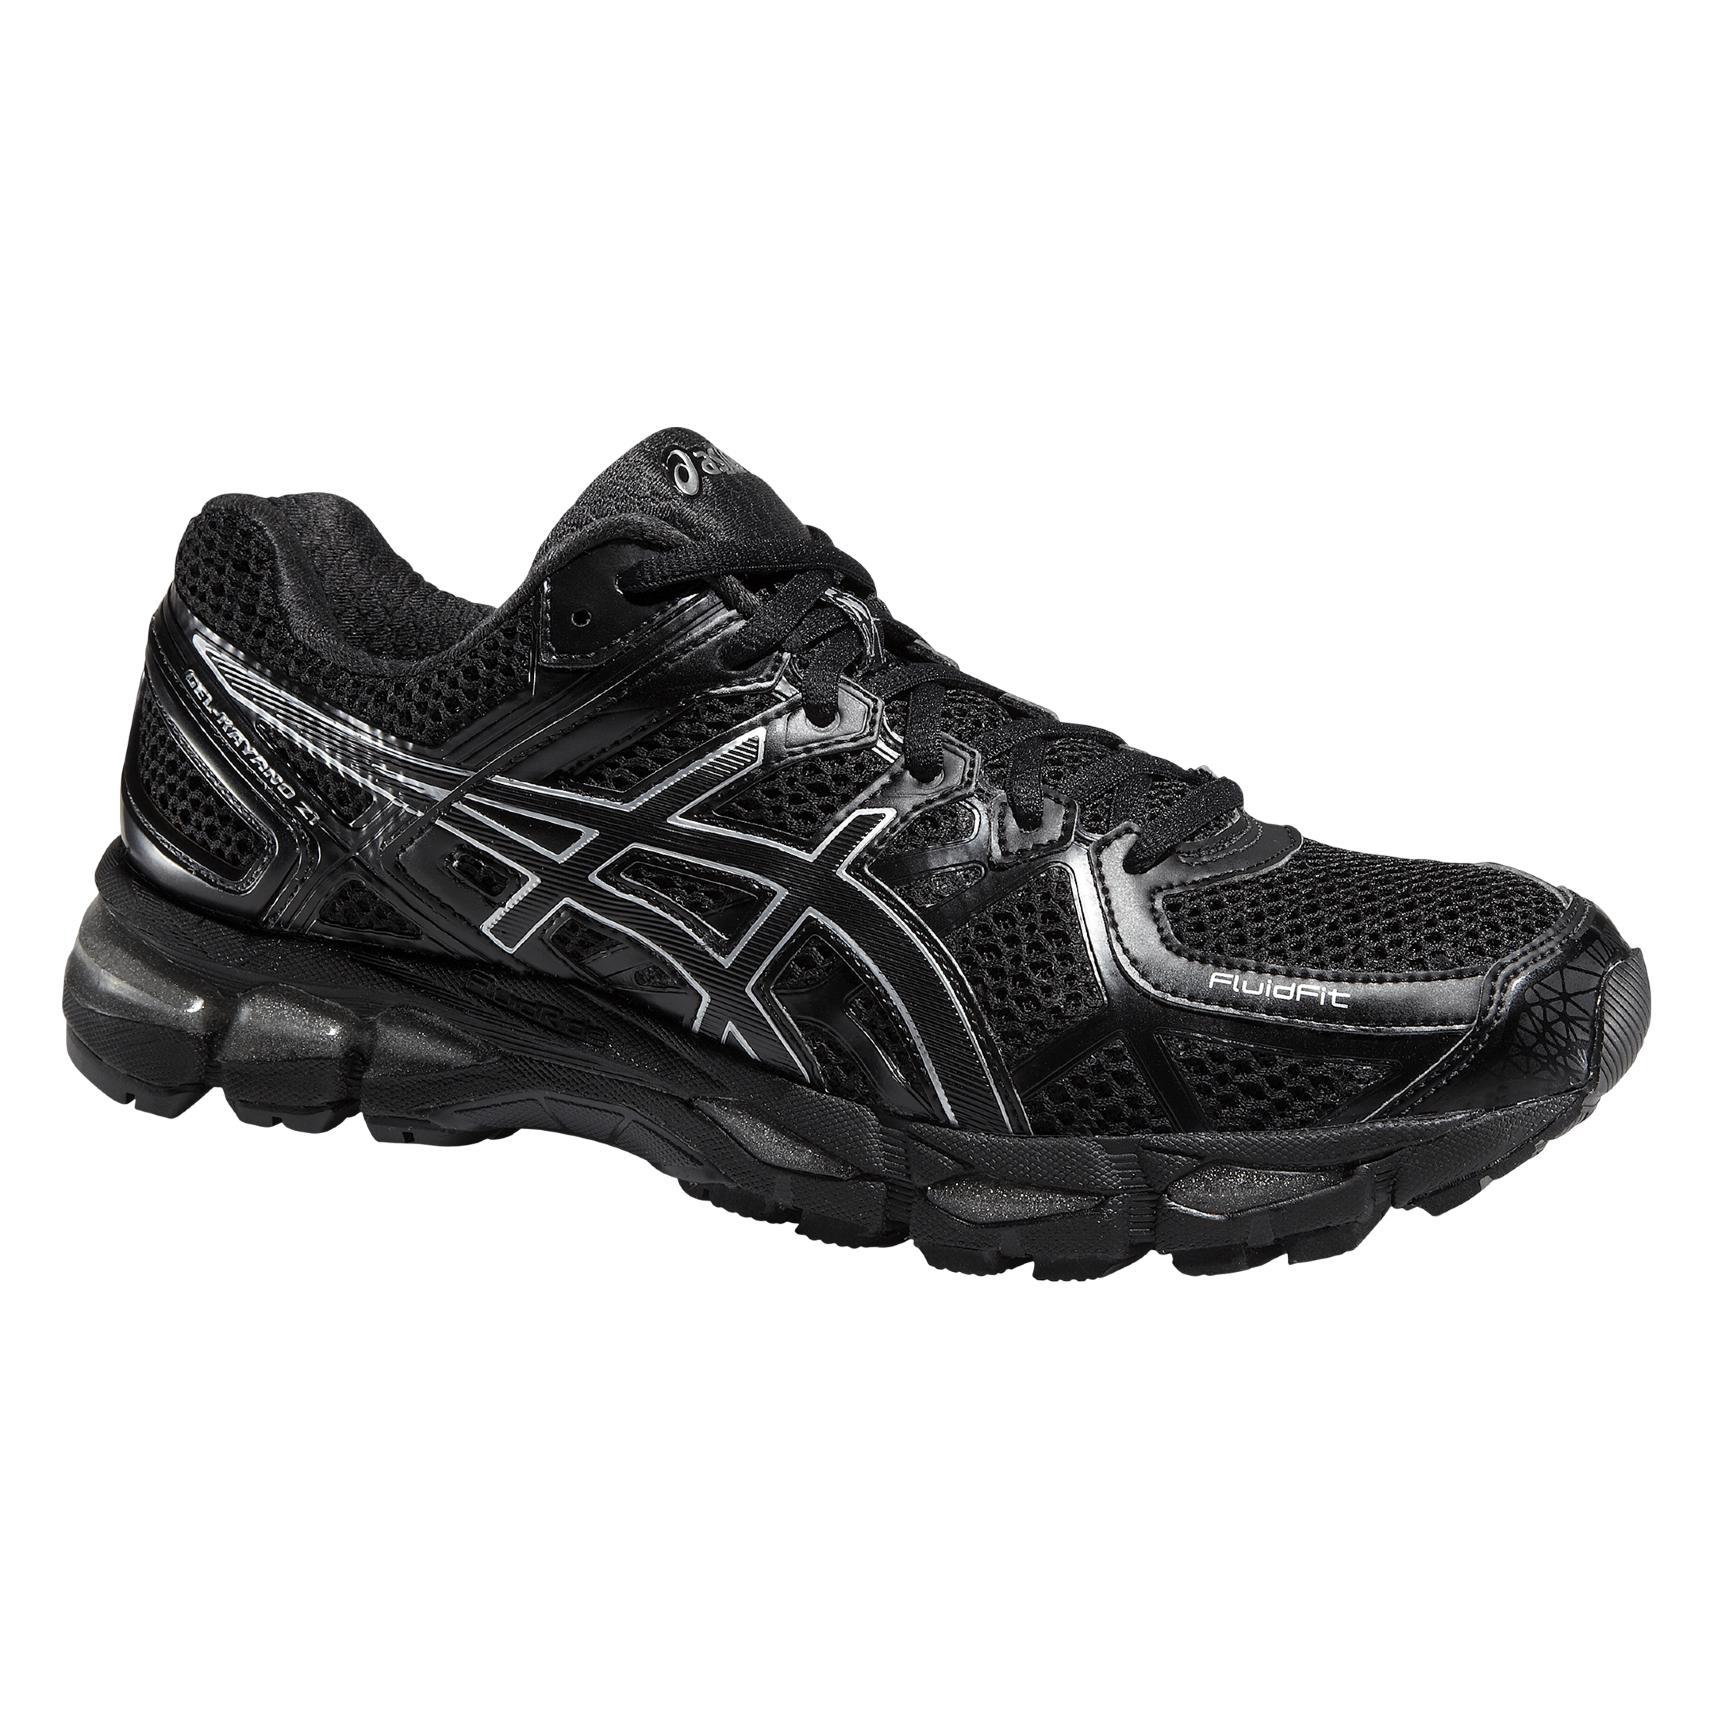 Asics Mens GEL-Kayano 21 Running Shoes